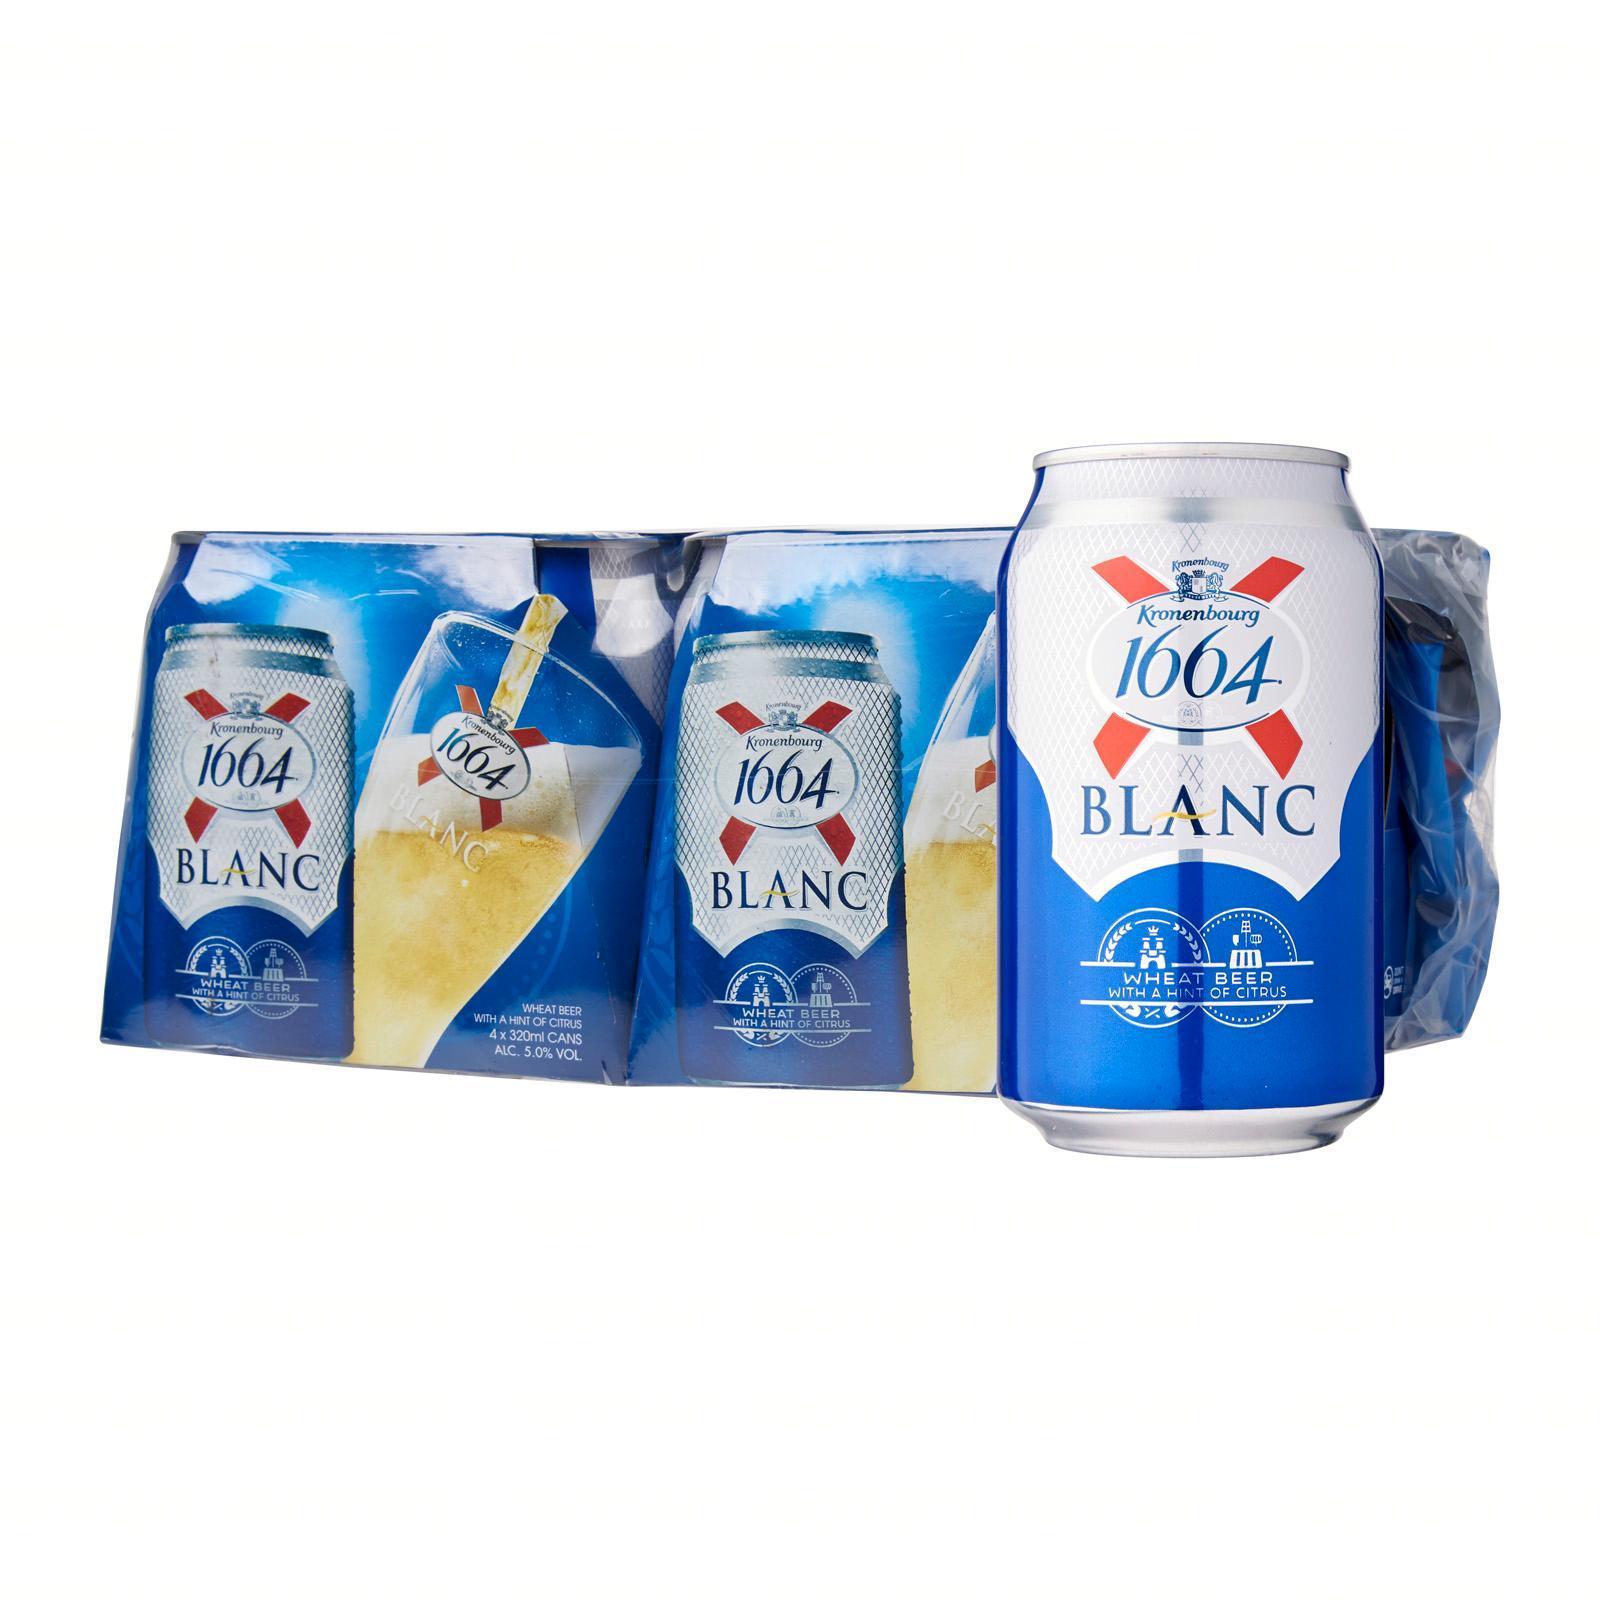 Kronenbourg 1664 Blanc Wheat Beer (Free Dry Bag)